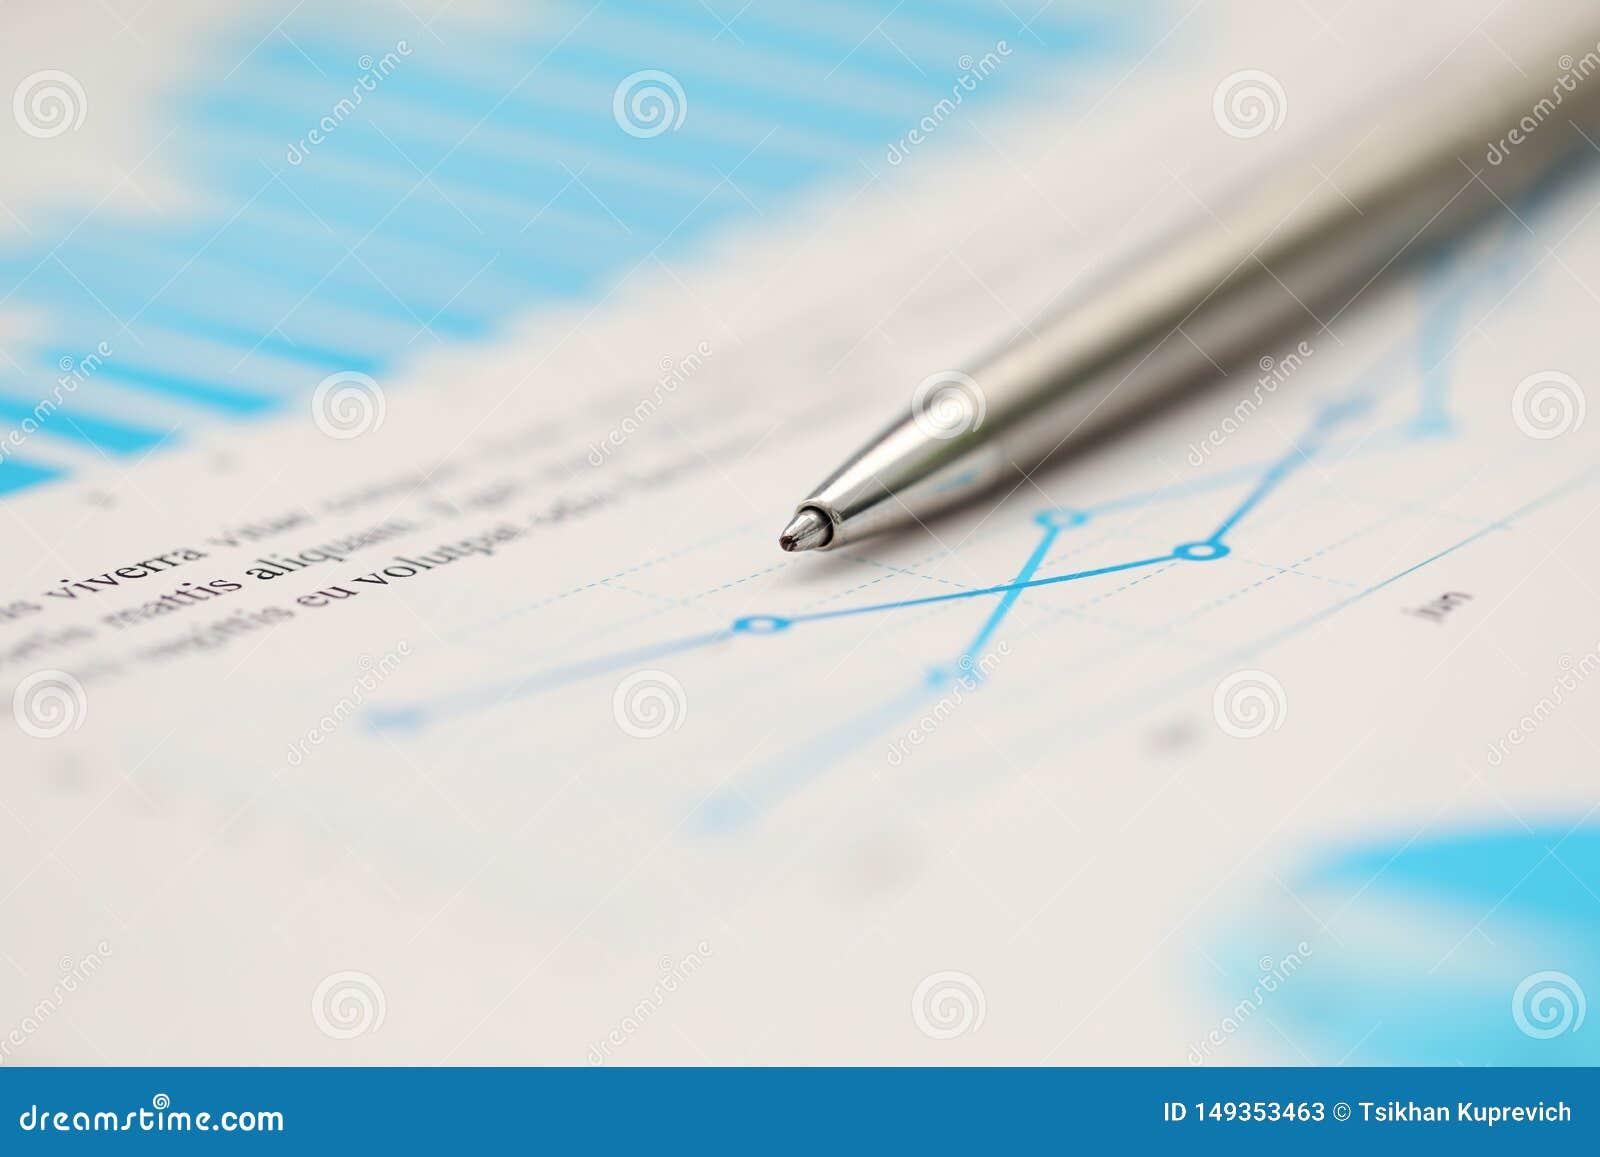 Ασημένια μάνδρα που ξαπλώνει στο σημαντικό έγγραφο στατιστικής στον κενό λειτουργώντας πίνακα